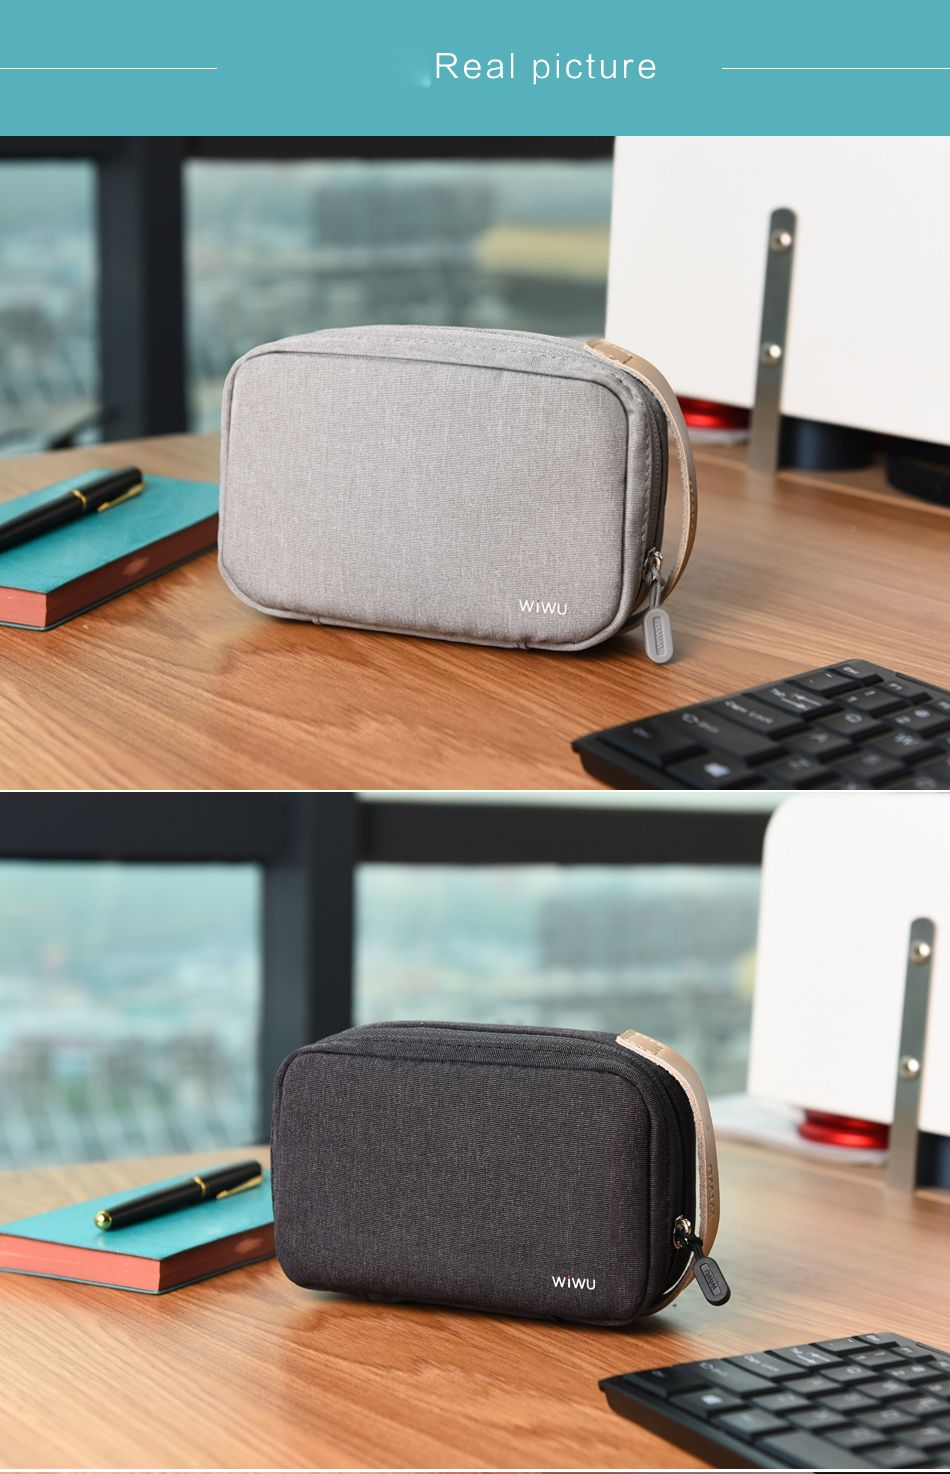 Wiwu Cozy Storage Bag 8 2 Inch (2)